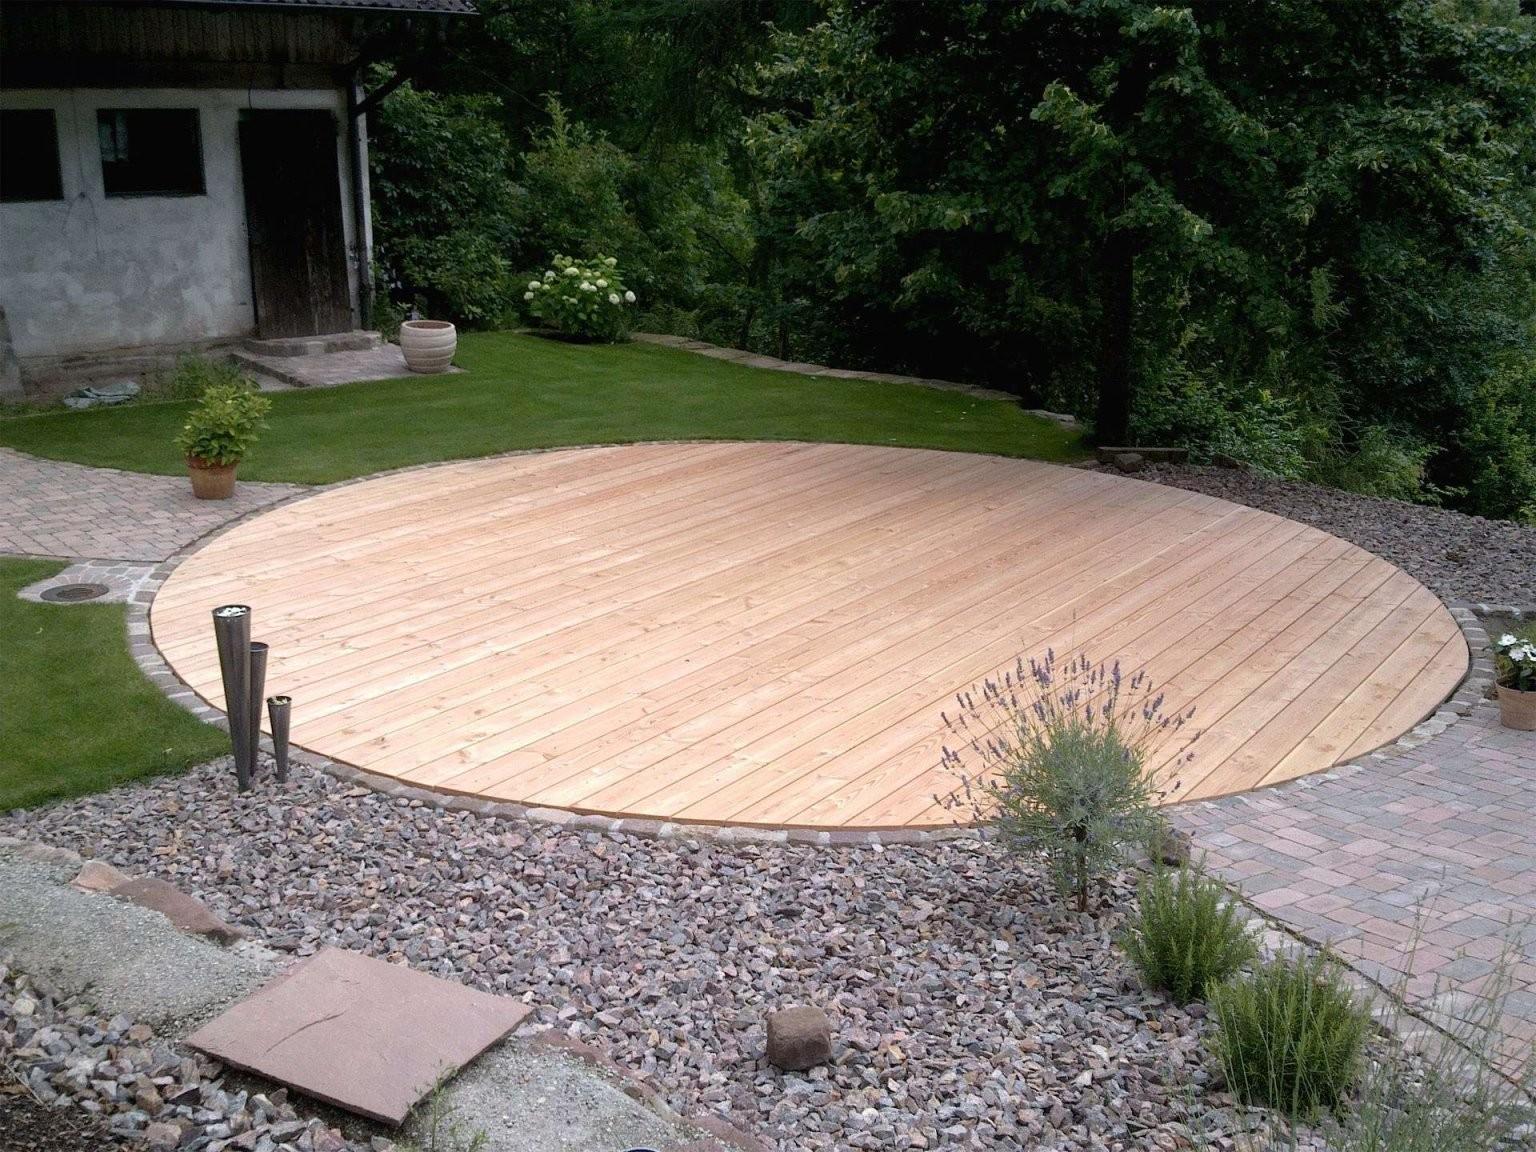 Pool Abdeckung Holz Schema Von Sichtschutz Lärche Selber Bauen von Poolabdeckung Selber Bauen Holz Bild